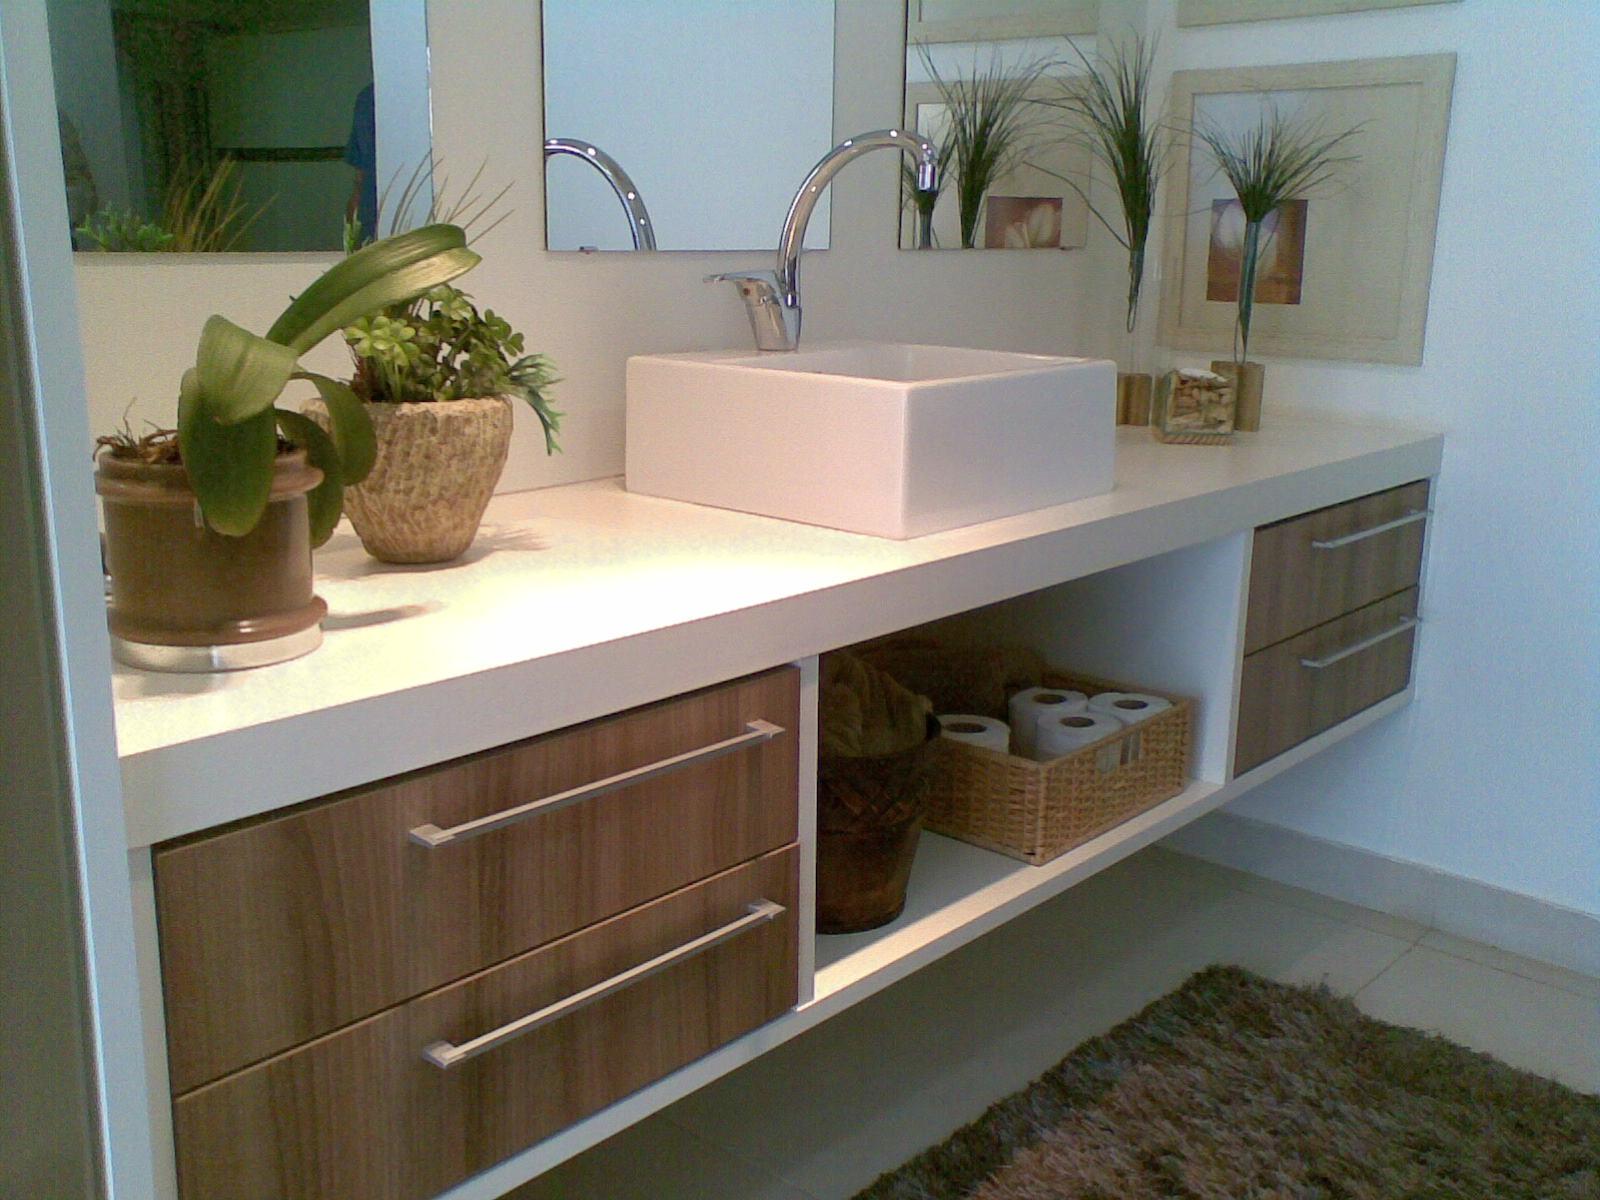 Construir com Arte Dicas Dell Anno -> Banheiros Planejados Dellanno